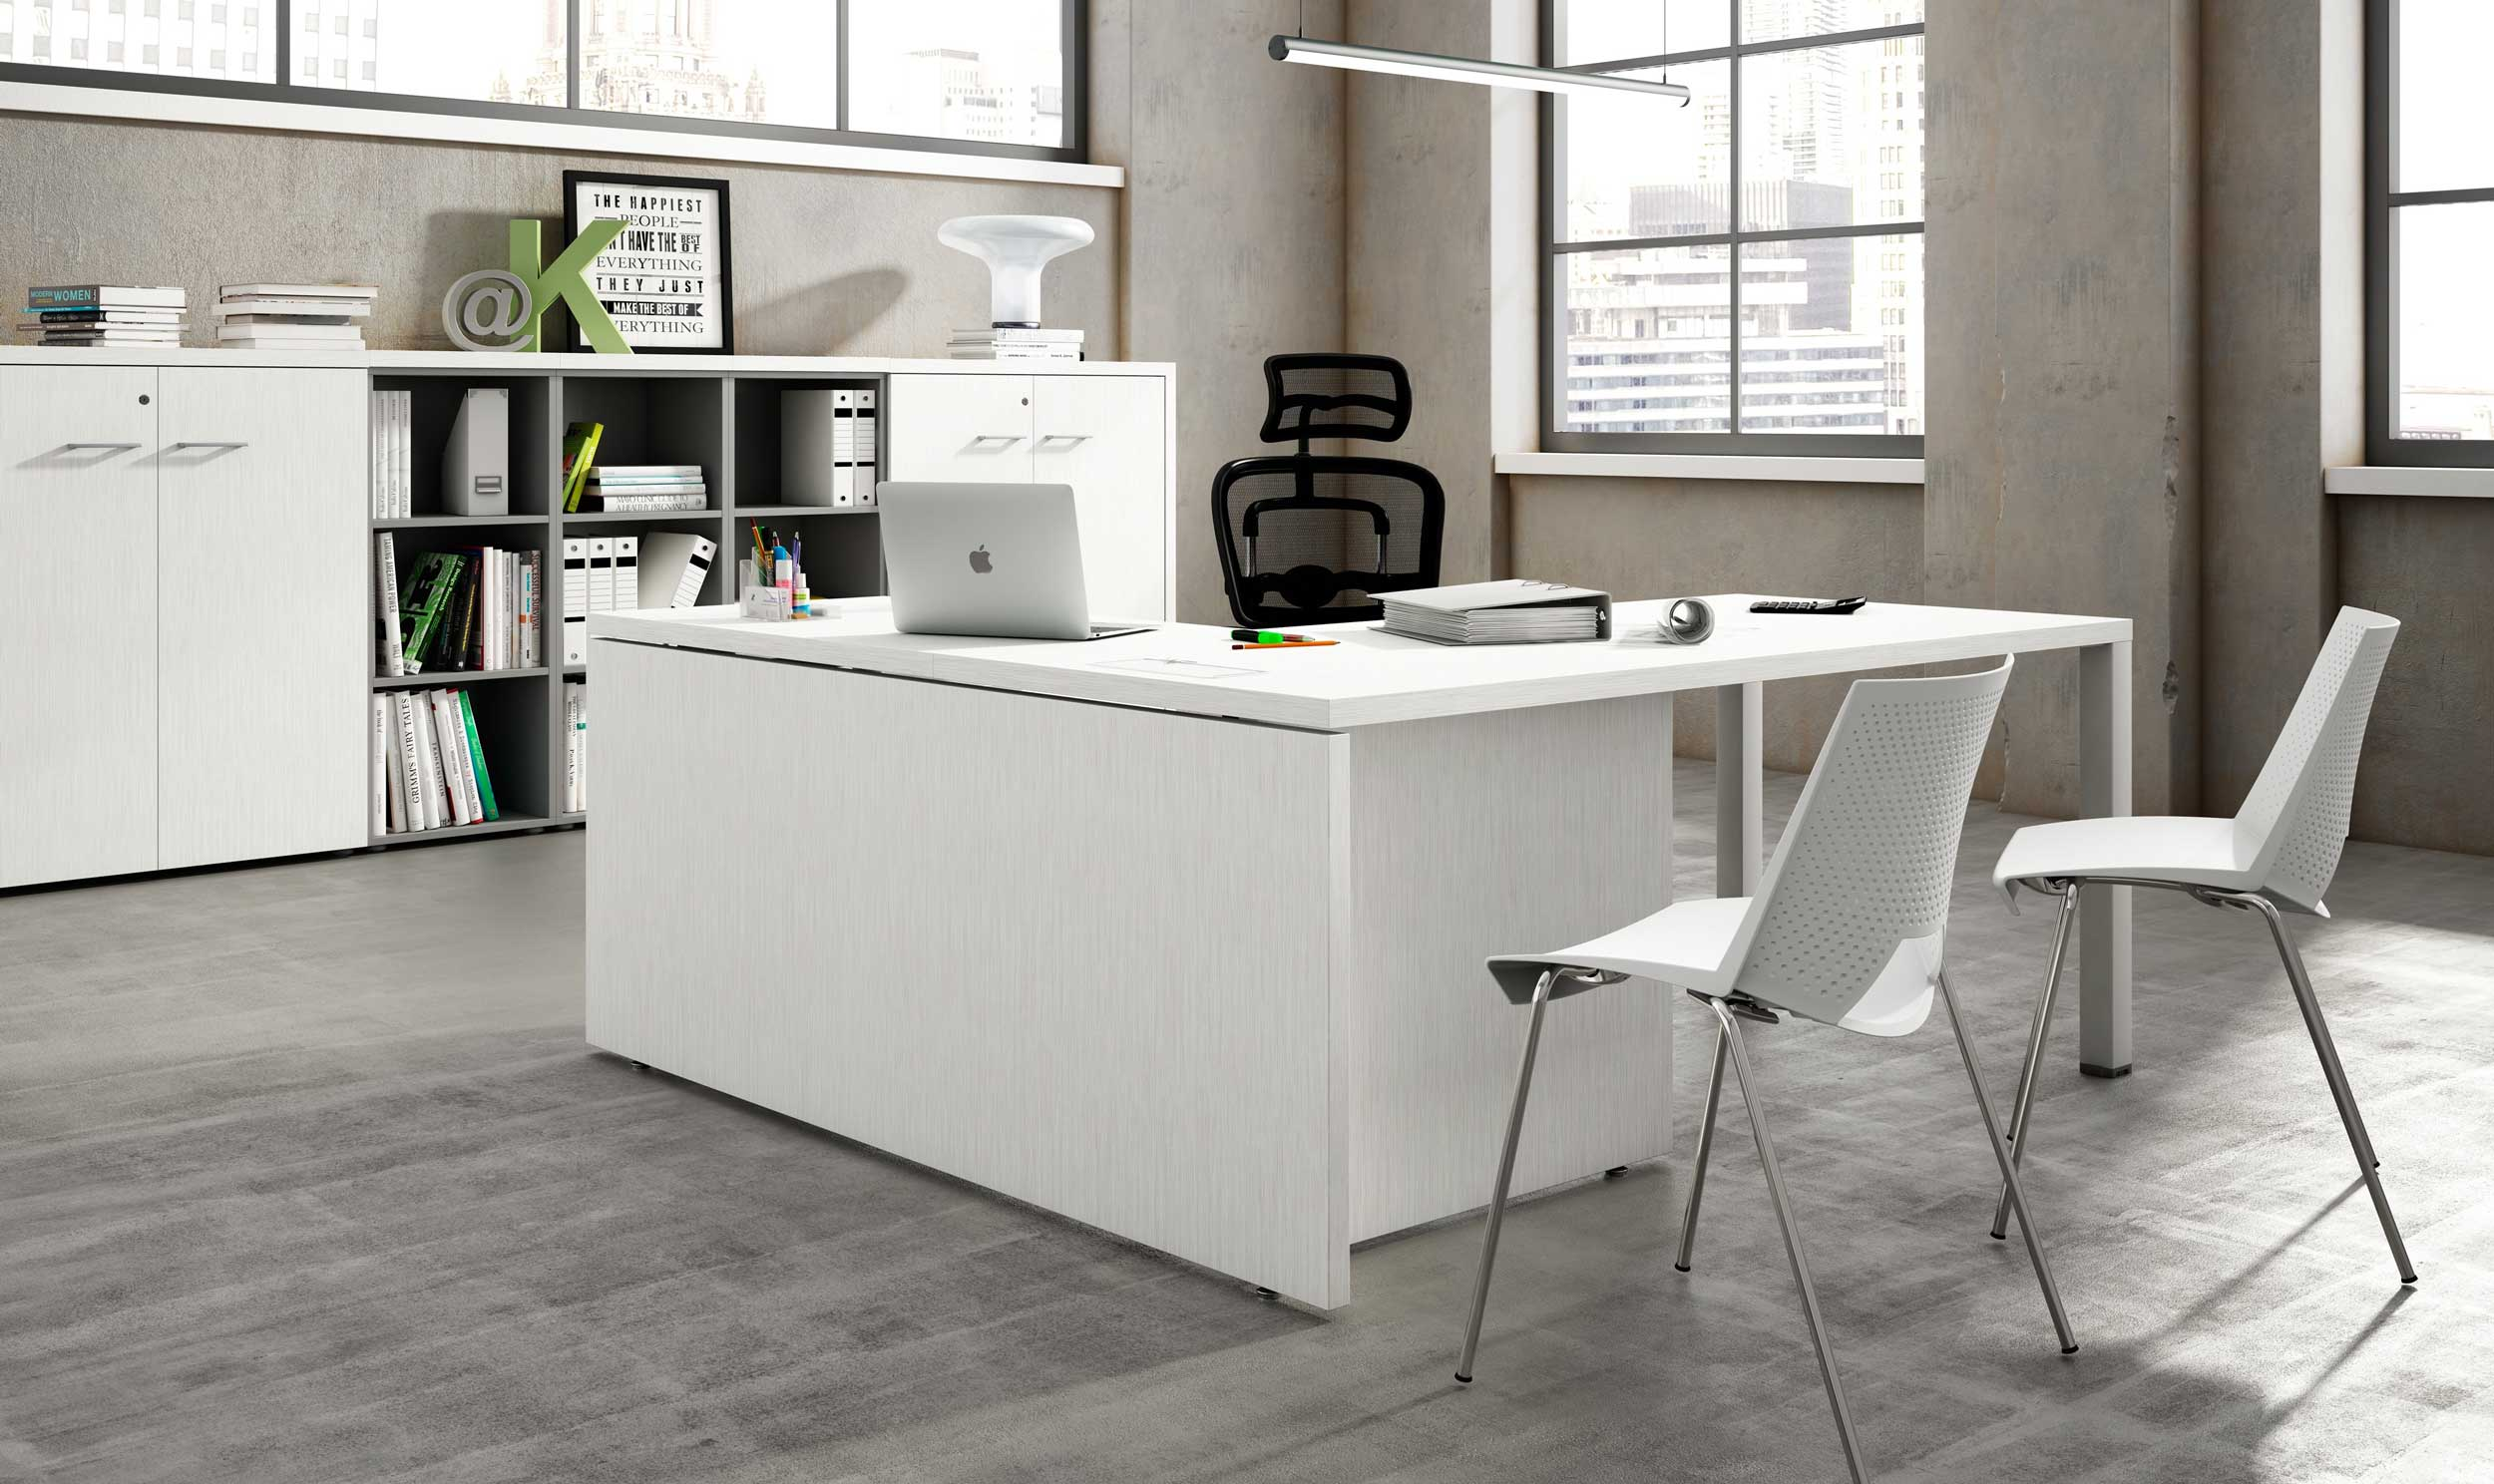 5 claves para conseguir unas oficinas minimalistas for Decoracion minimalista definicion